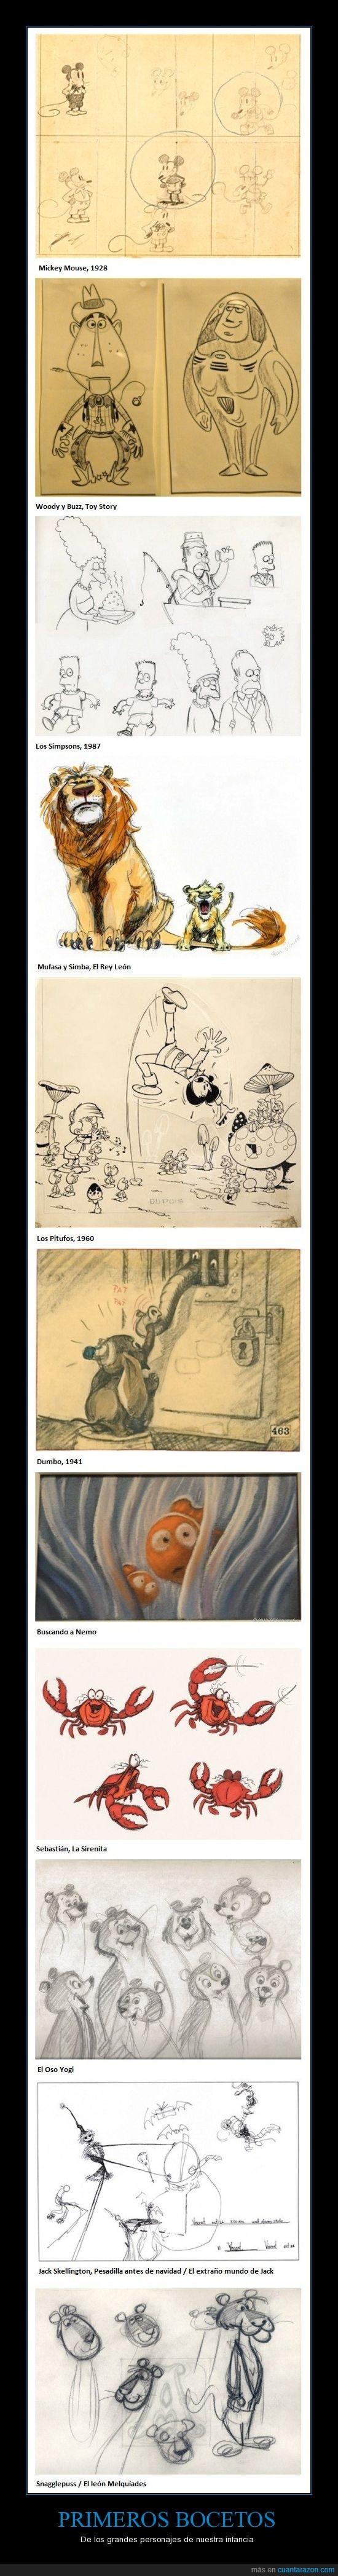 bocetos,dibujo,disney,famosos,grandes,infancia,personajes,pitufo,primeros,simpson,todos,toy story